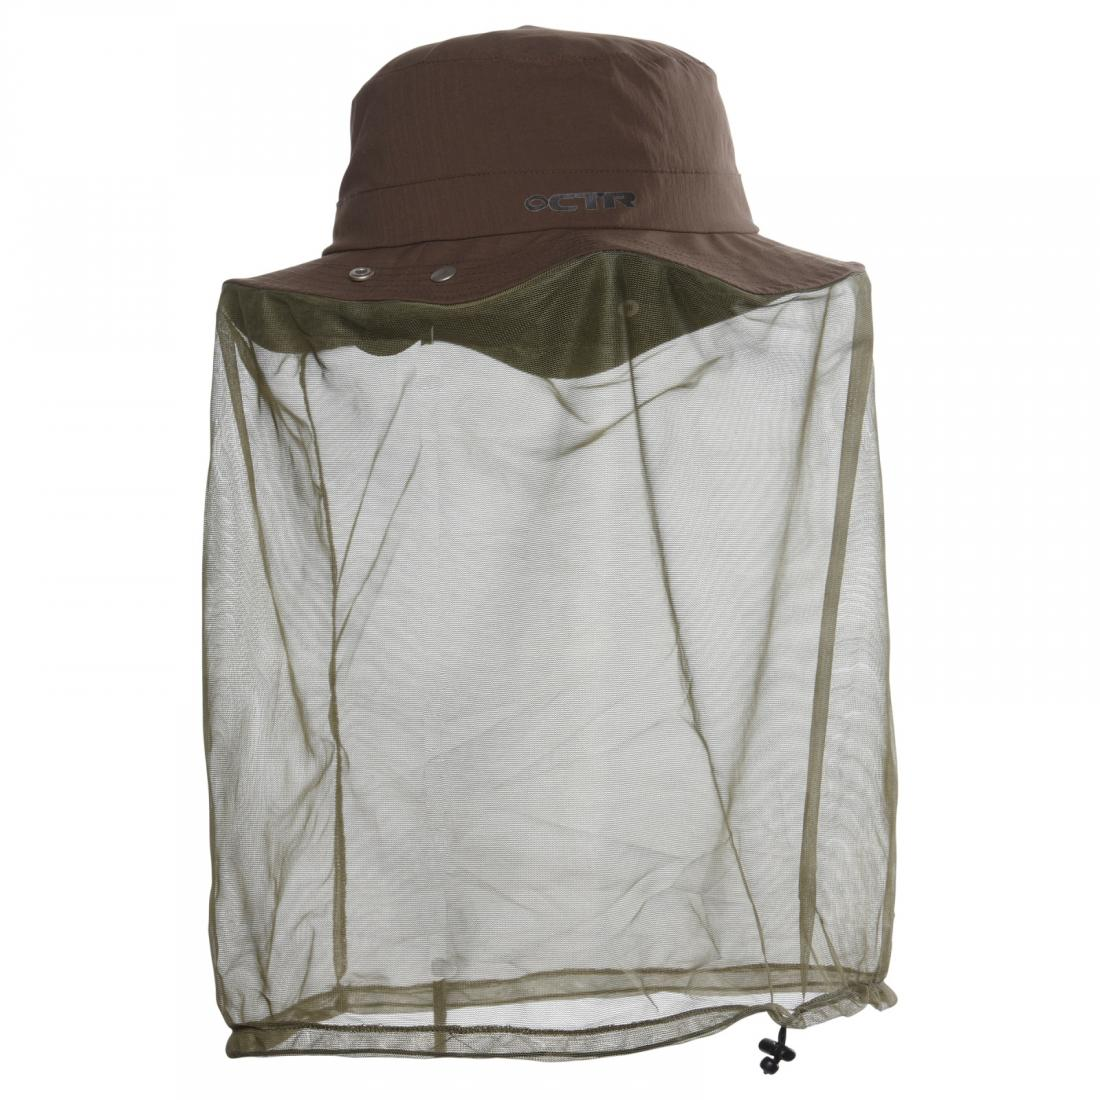 Панама Chaos  Summit Mosquito HatПанамы<br><br> Если надоедливые насекомые мешают вам наслаждаться походом или рыбалкой, панама Chaos Summit Mosquito Hat станет отличным решением проблемы. Этот...<br><br>Цвет: Фиолетовый<br>Размер: S-M